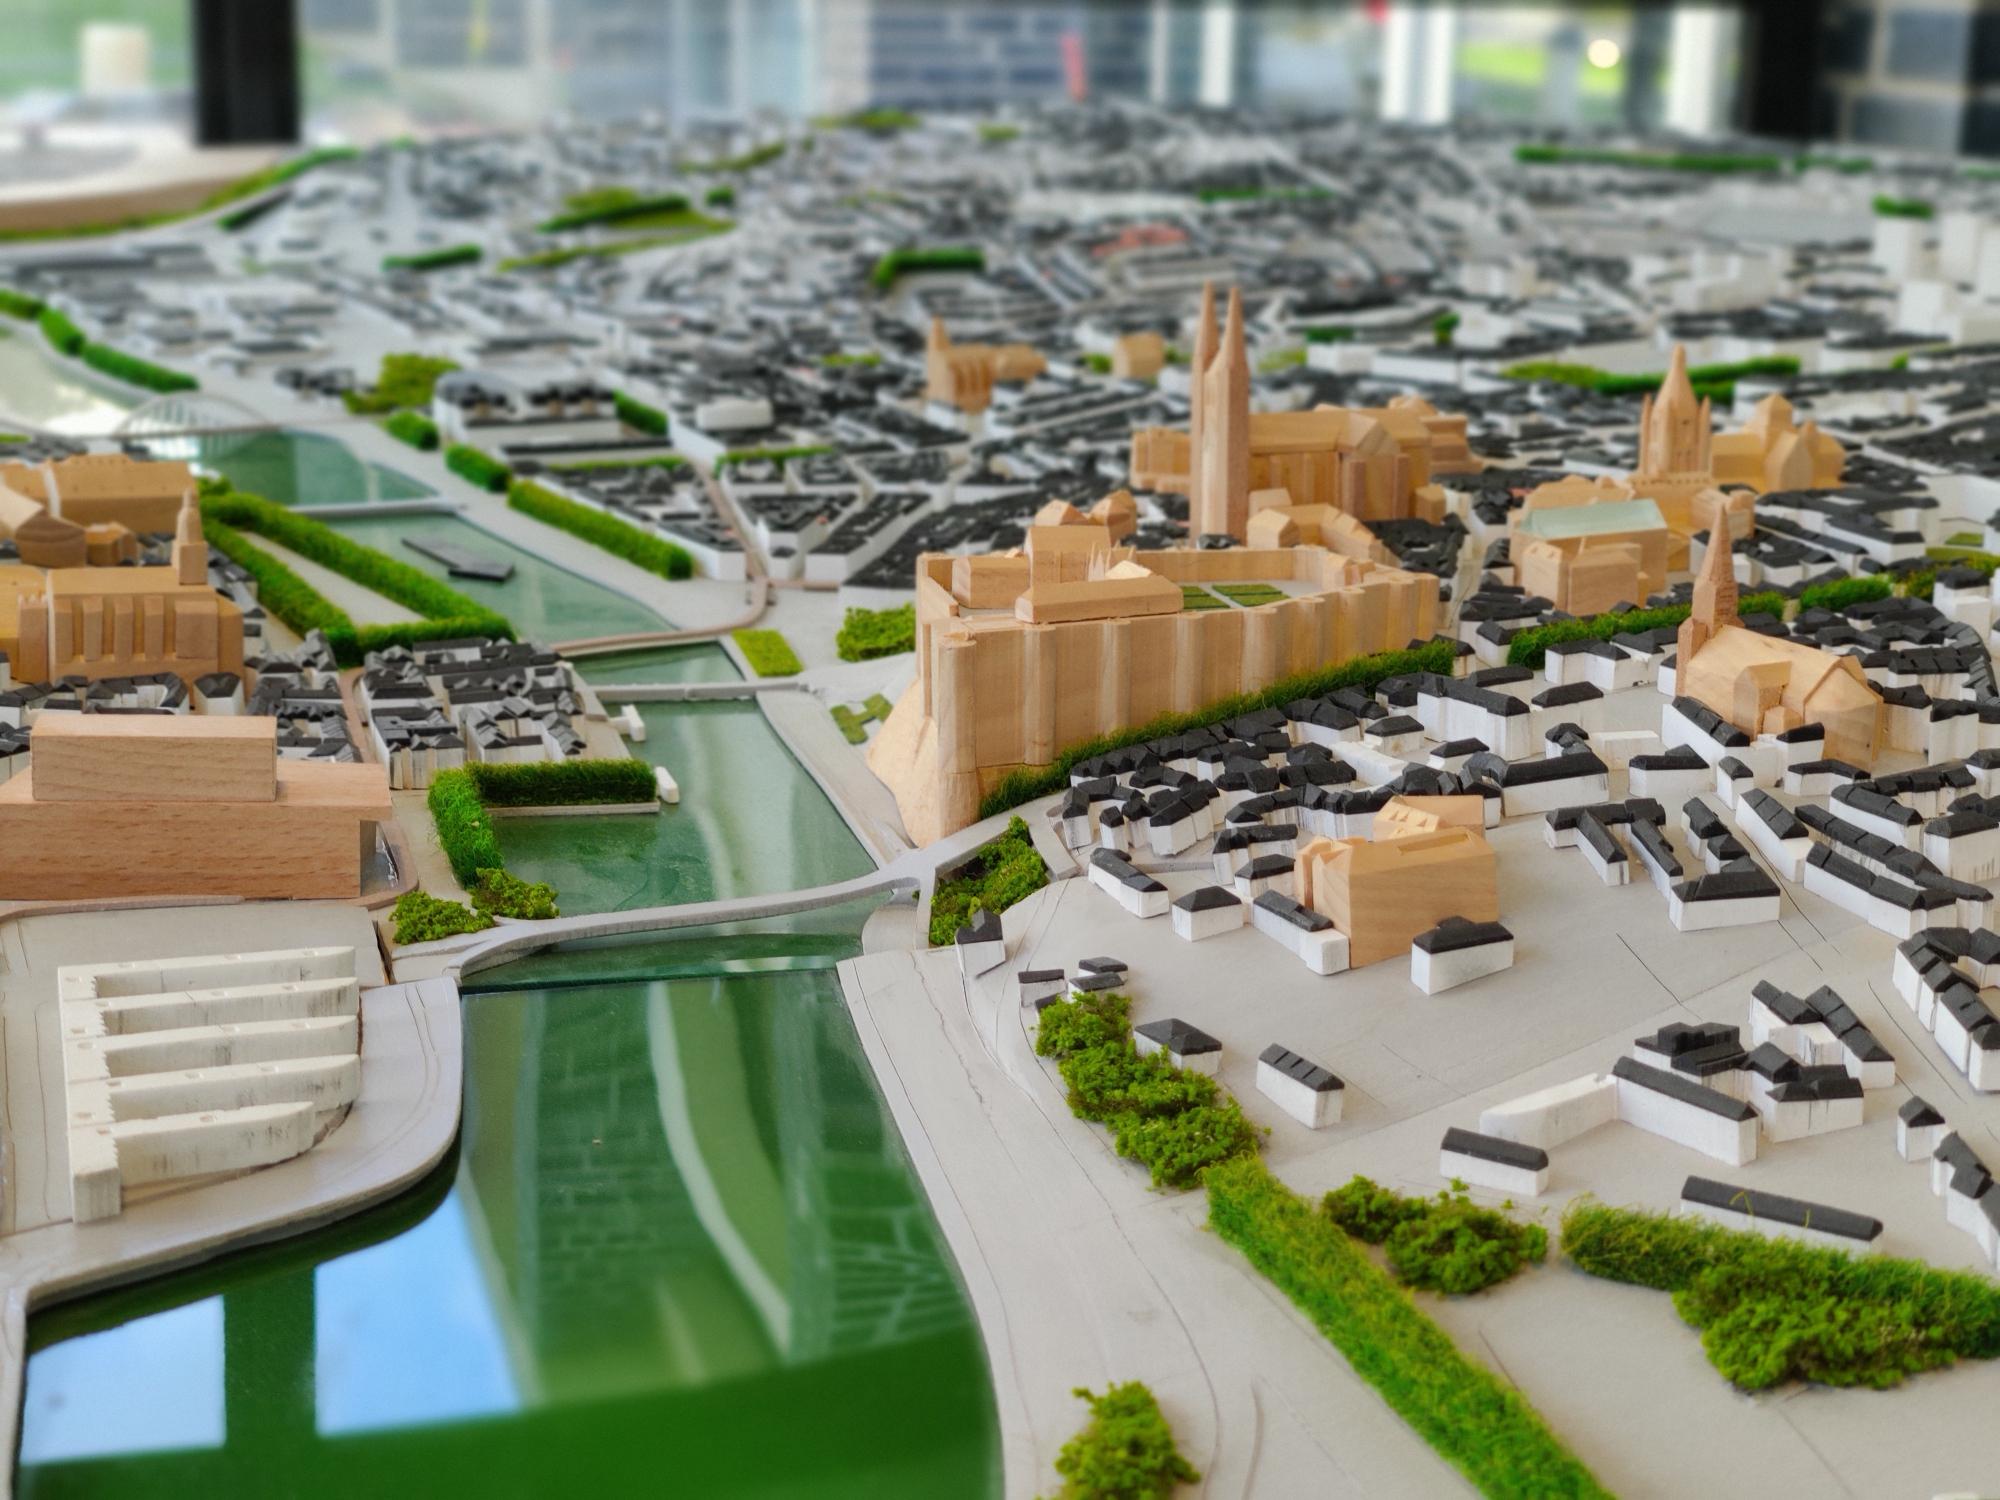 Maquette de la ville d'Angers